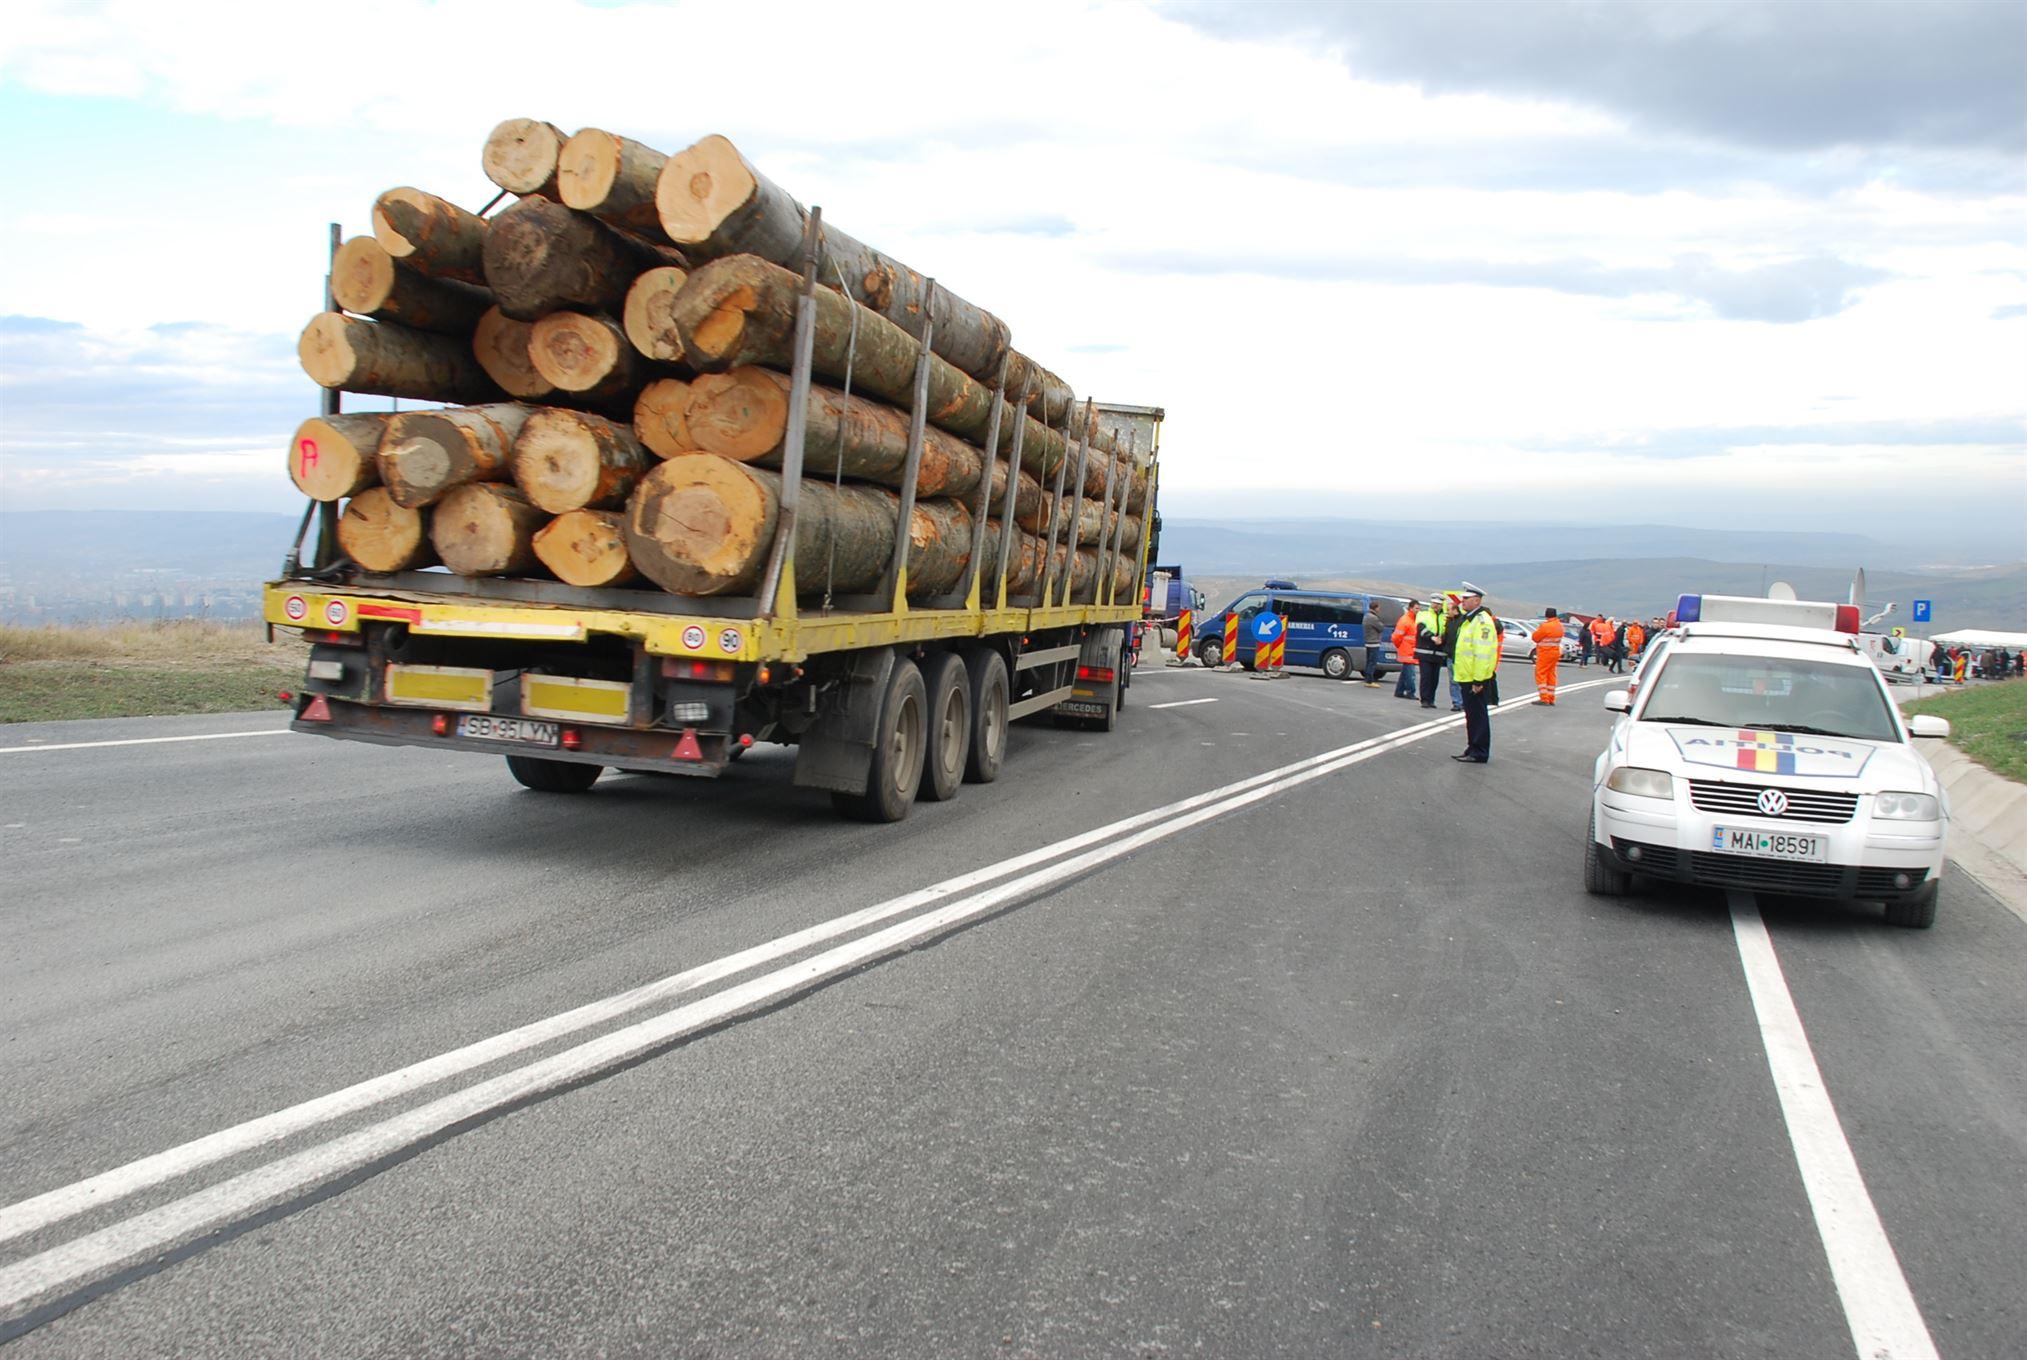 Pana: Un sistem de supraveghere a traseului lemului ar putea reduce furturile cu 70%